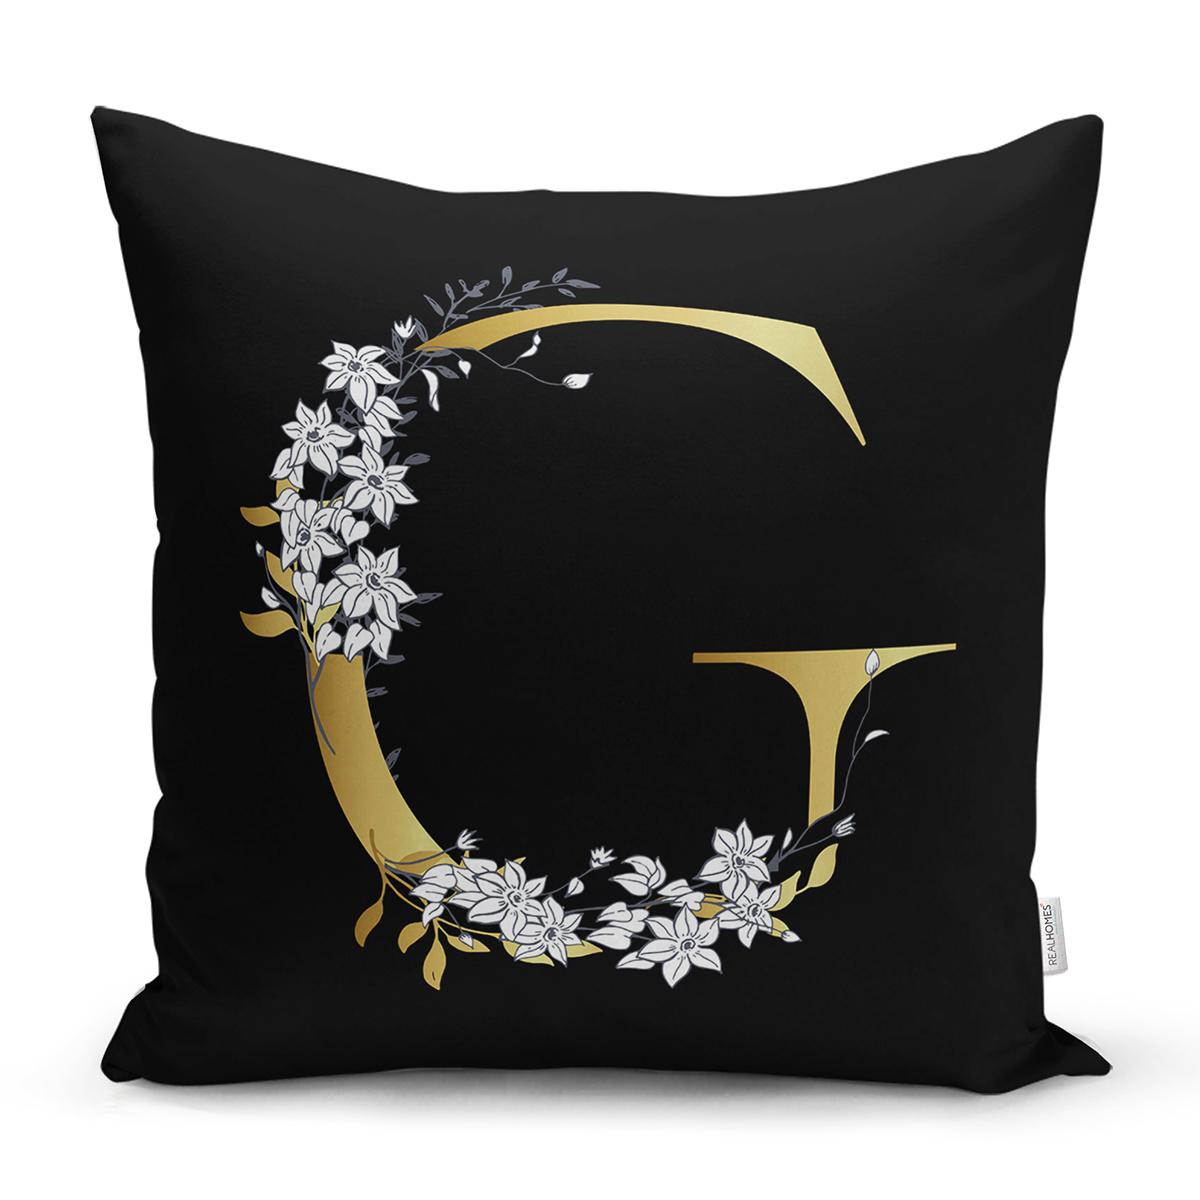 Siyah Zemin Beyaz Gül Motifli Gold G Harfi Özel Tasarım Dijital Baskılı Yastık Kırlent Kılıfı Realhomes